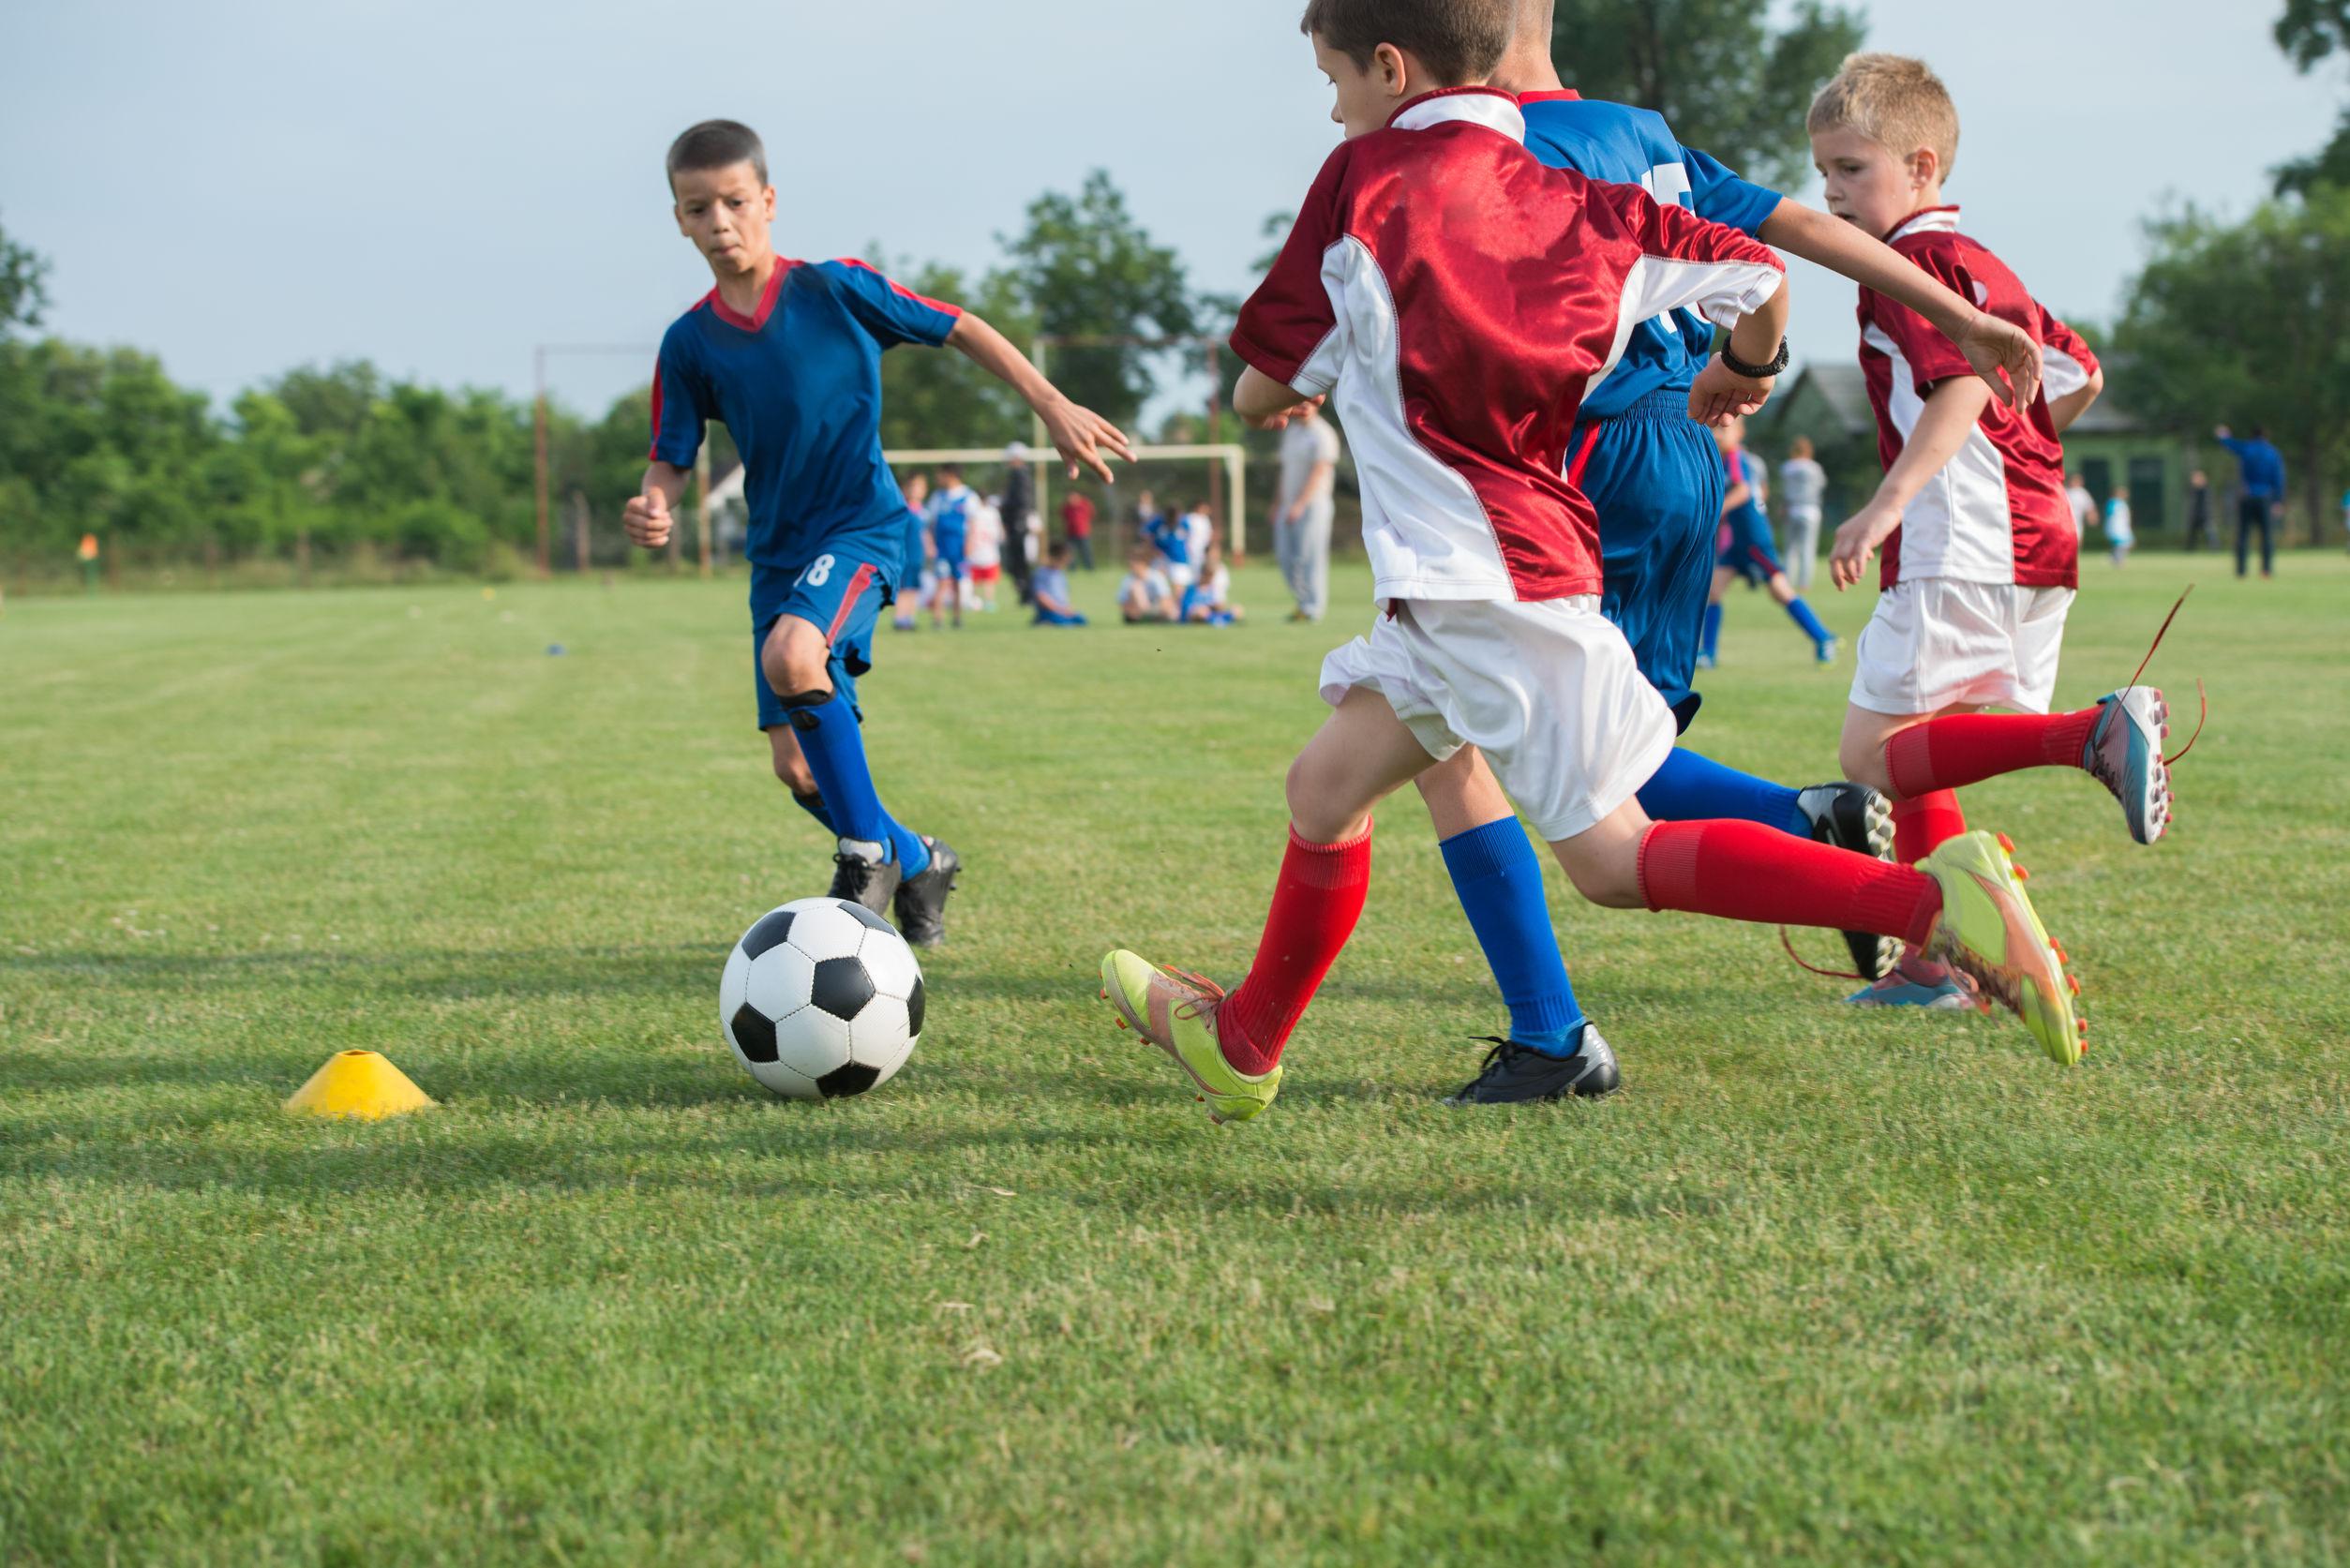 Foto de crianças jogando futebol de campo